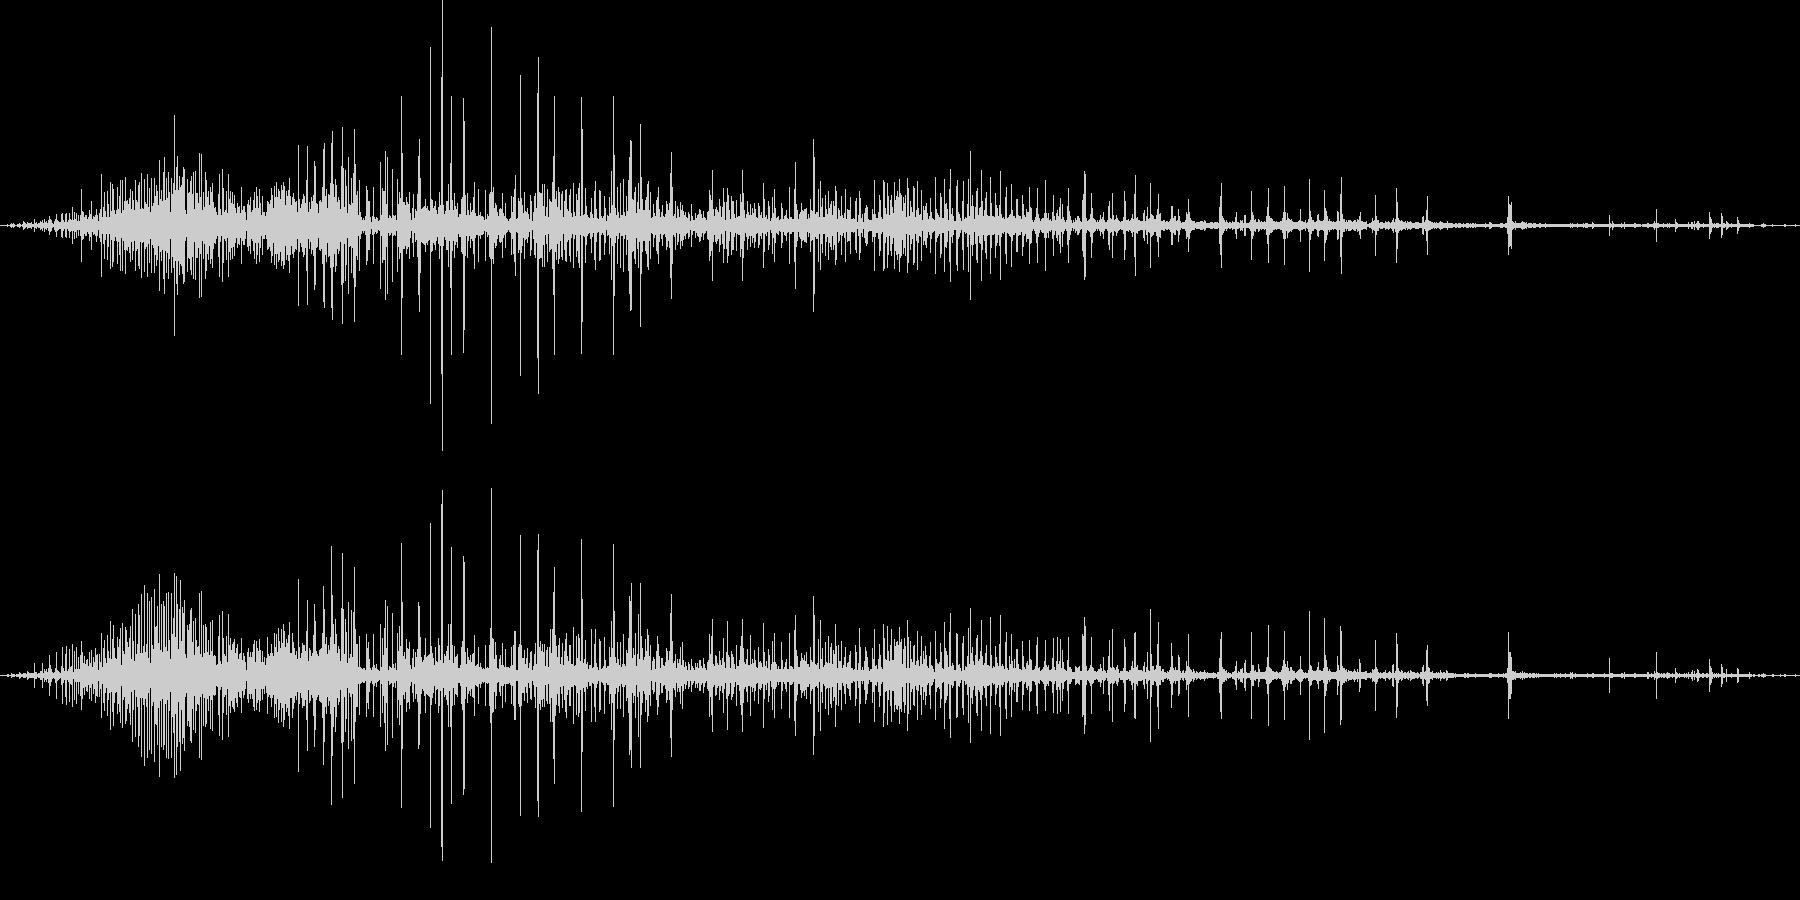 ギリギリ締め付けるような音2(短め)の未再生の波形